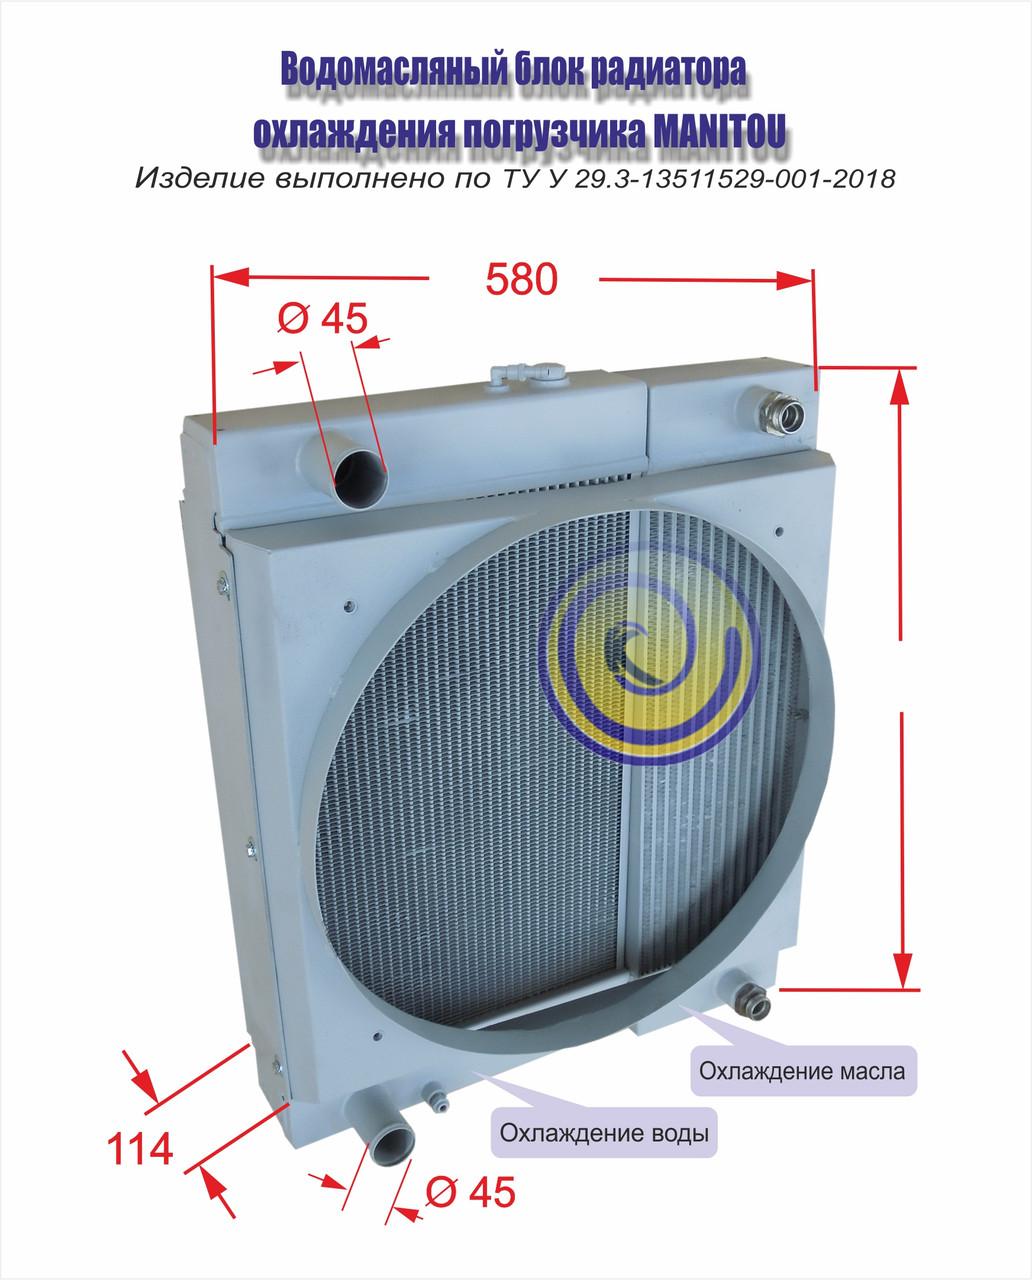 Водомасляный блок радіатора охолодження навантажувача MANITOU